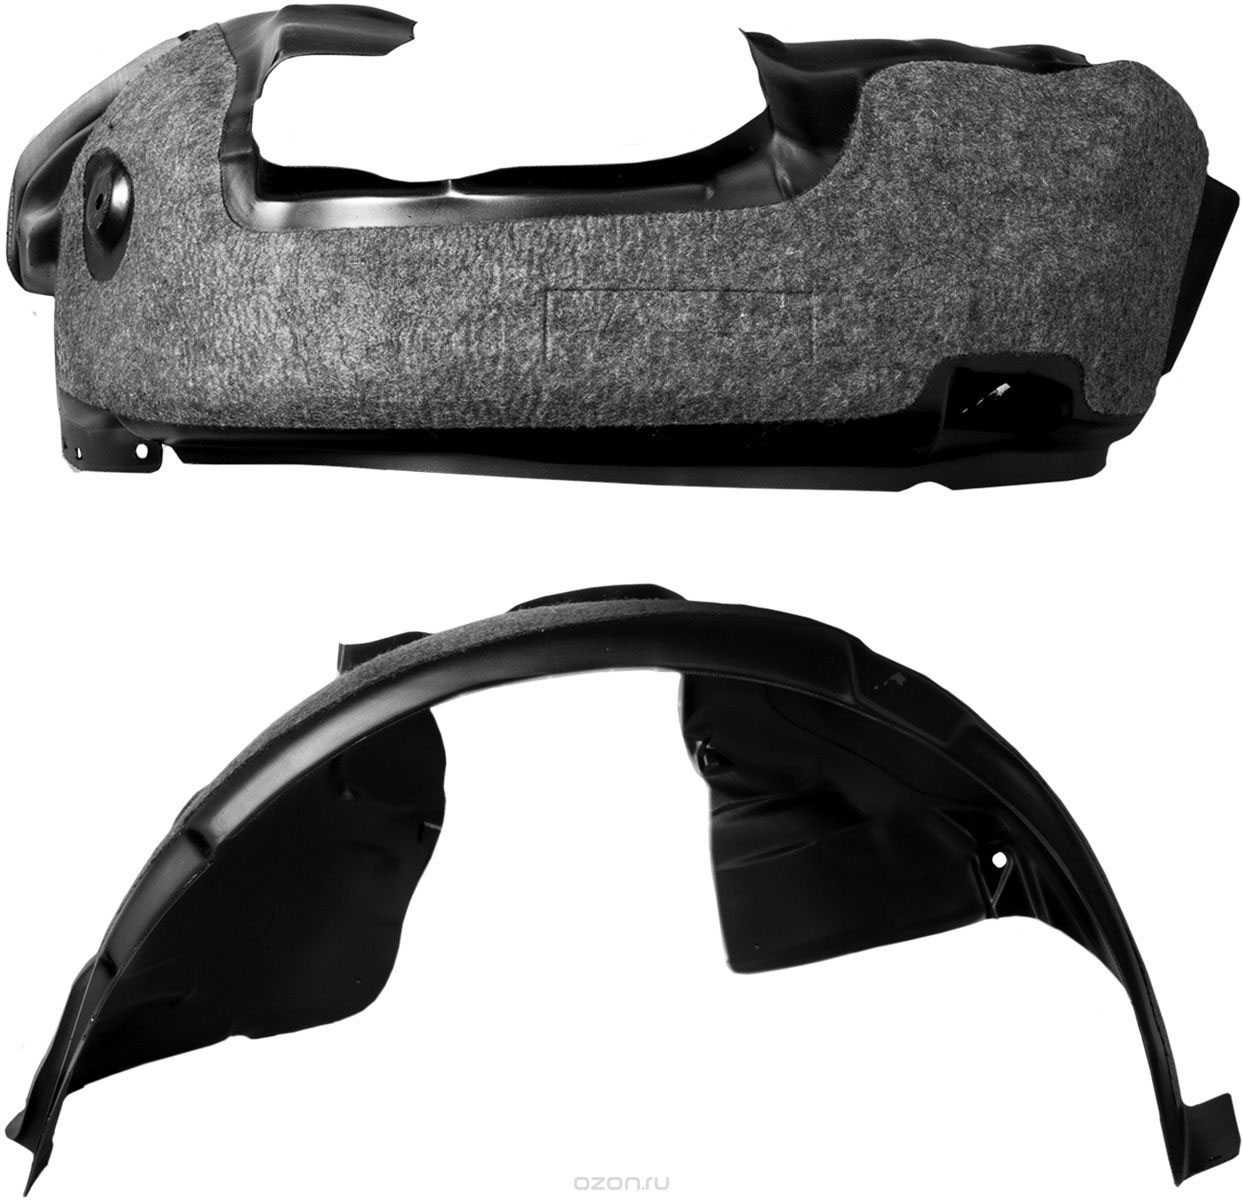 Подкрылок Novline-Autofamily с шумоизоляцией, для Suzuki SX4 new, 2013-2016, 2016->, 2wd+4wd, задний левыйNLS.47.02.003Идеальная защита колесной ниши. Локеры разработаны с применением цифровых технологий, гарантируют максимальную повторяемость поверхности арки. Изделия устанавливаются без нарушения лакокрасочного покрытия автомобиля, каждый подкрылок комплектуется крепежом. Уважаемые клиенты, обращаем ваше внимание, что фотографии на подкрылки универсальные и не отражают реальную форму изделия. При этом само изделие идет точно под размер указанного автомобиля.